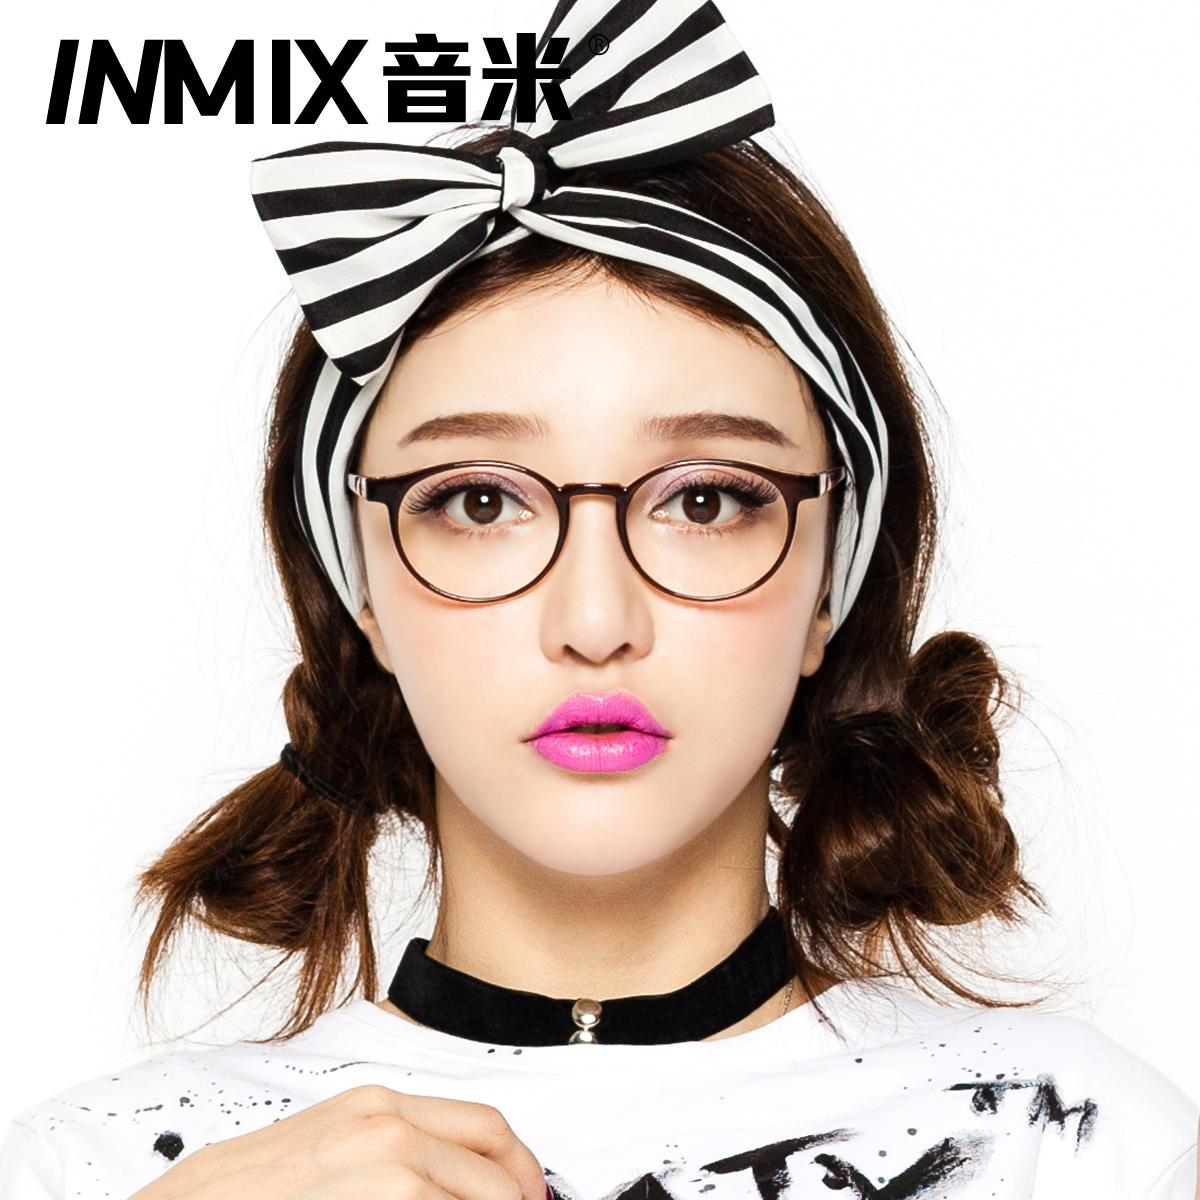 眼镜框女生图片_女生眼镜框款式-女生眼镜框款式图片_女生眼镜框款式视频